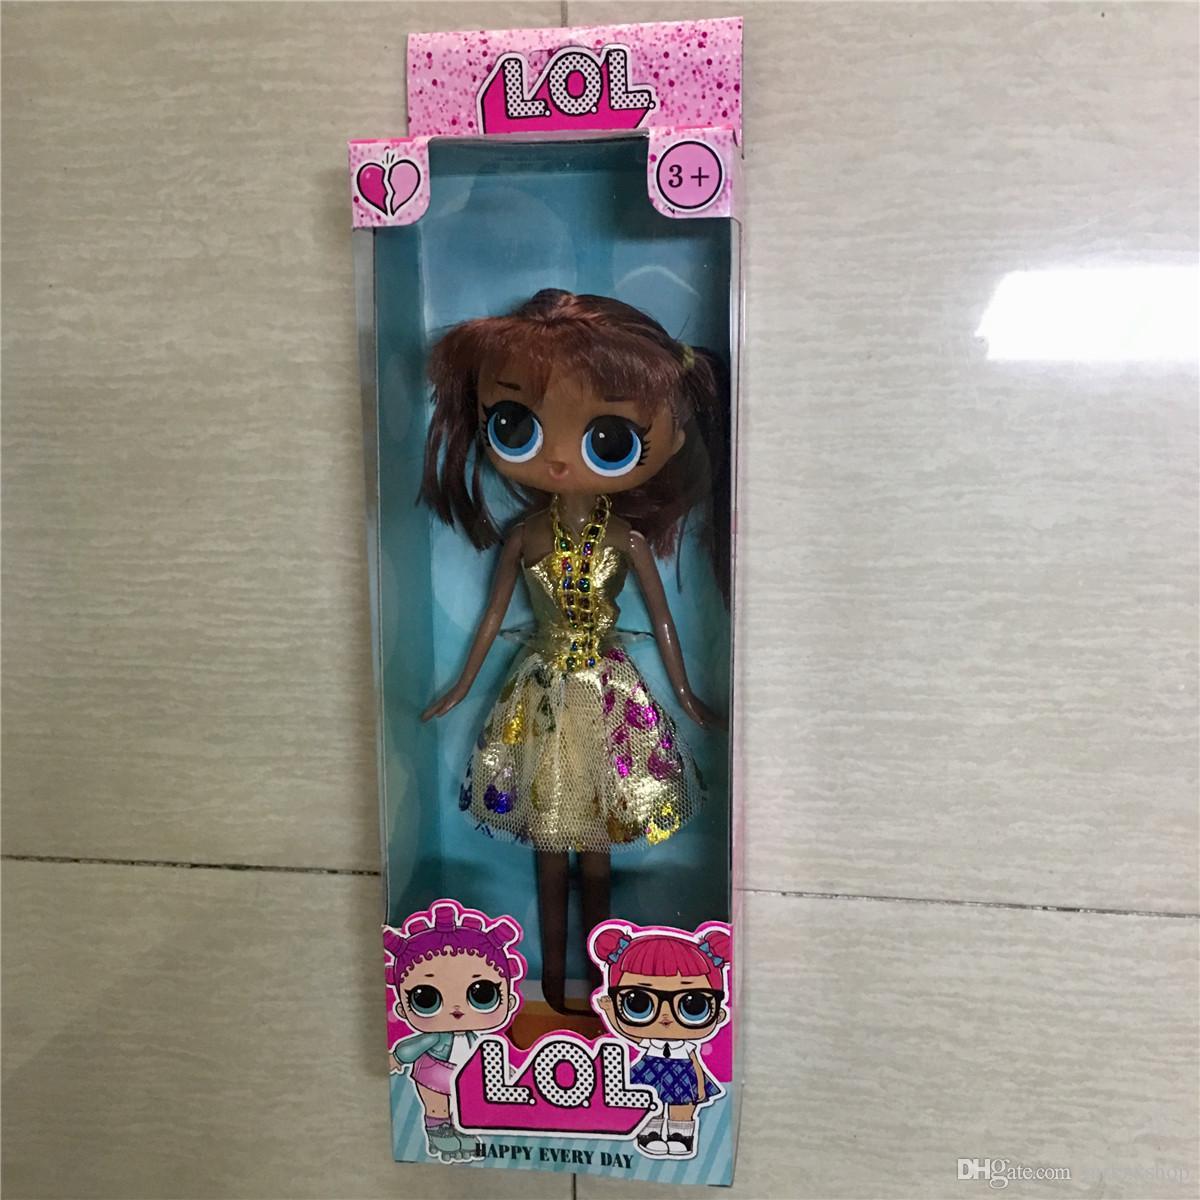 neue große 25cm Puppe Action-Figuren New Glitter Limited Edition Puppe Hände und Füße können funko pop bewegen